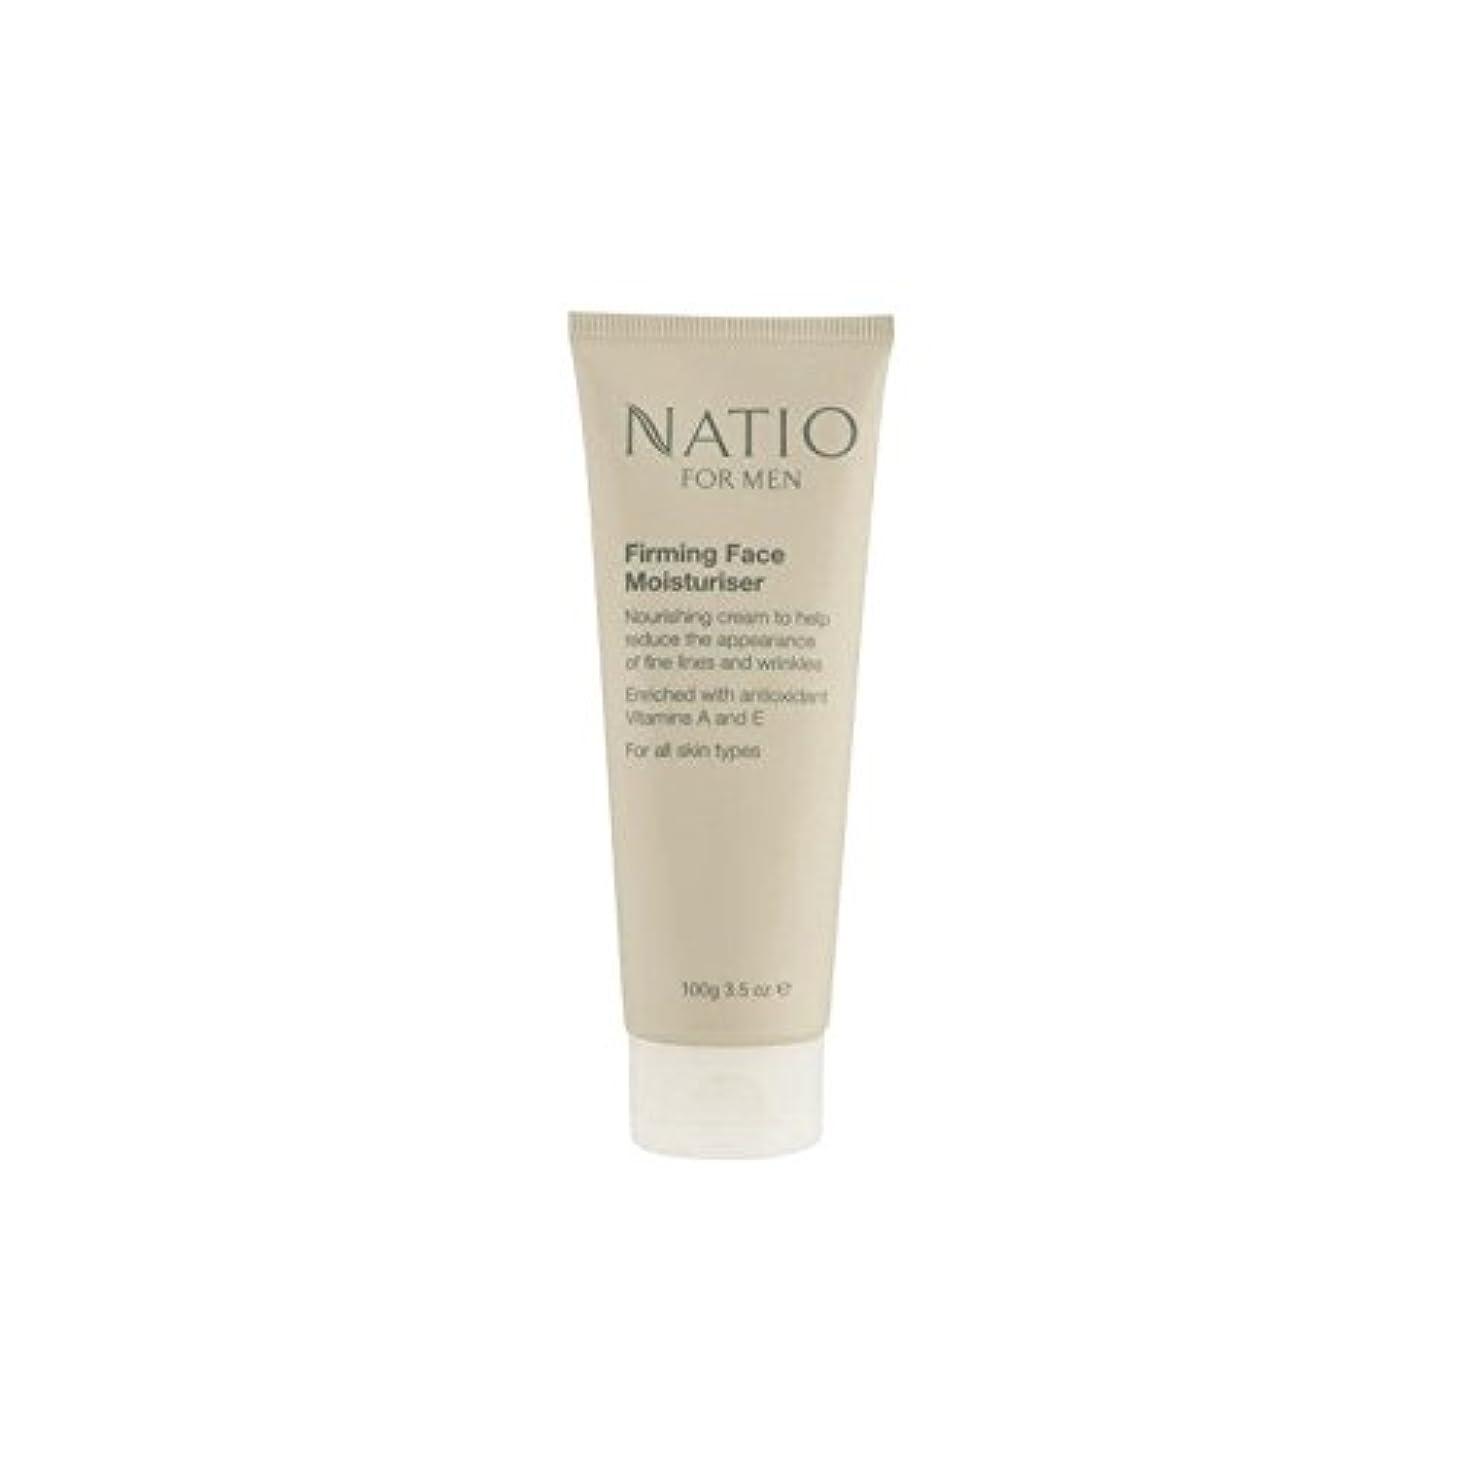 百世界的に頂点顔の保湿剤を引き締め男性のための(100グラム) x2 - Natio For Men Firming Face Moisturiser (100G) (Pack of 2) [並行輸入品]